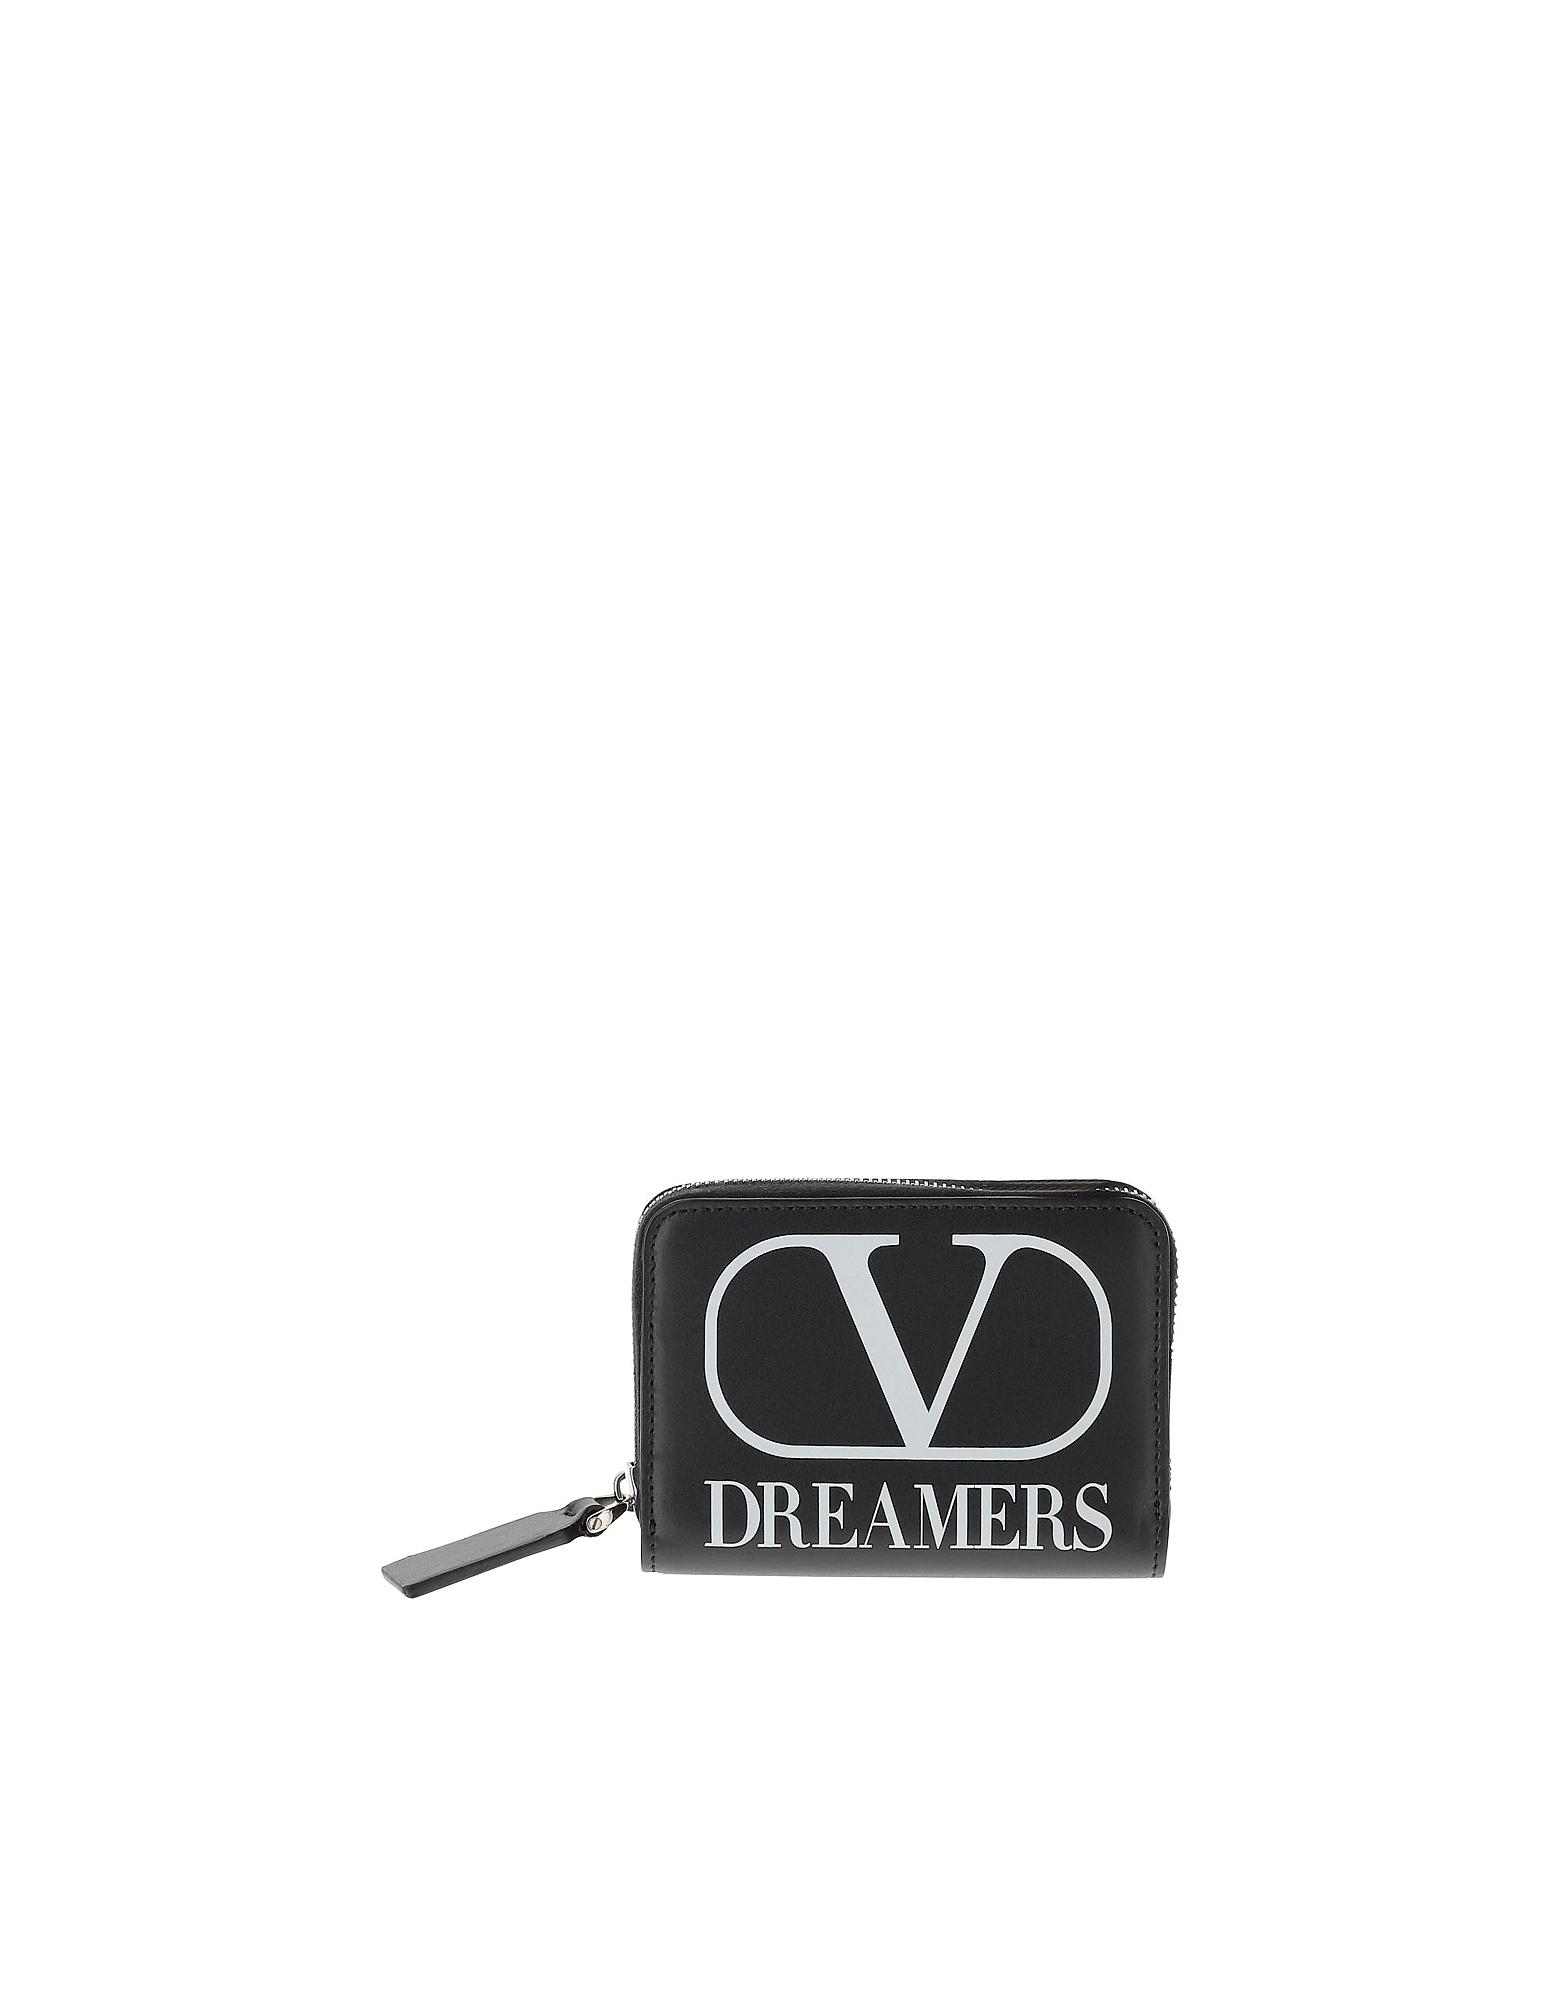 Valentino Designer Men's Bags, Black VLTN Leather Wallet